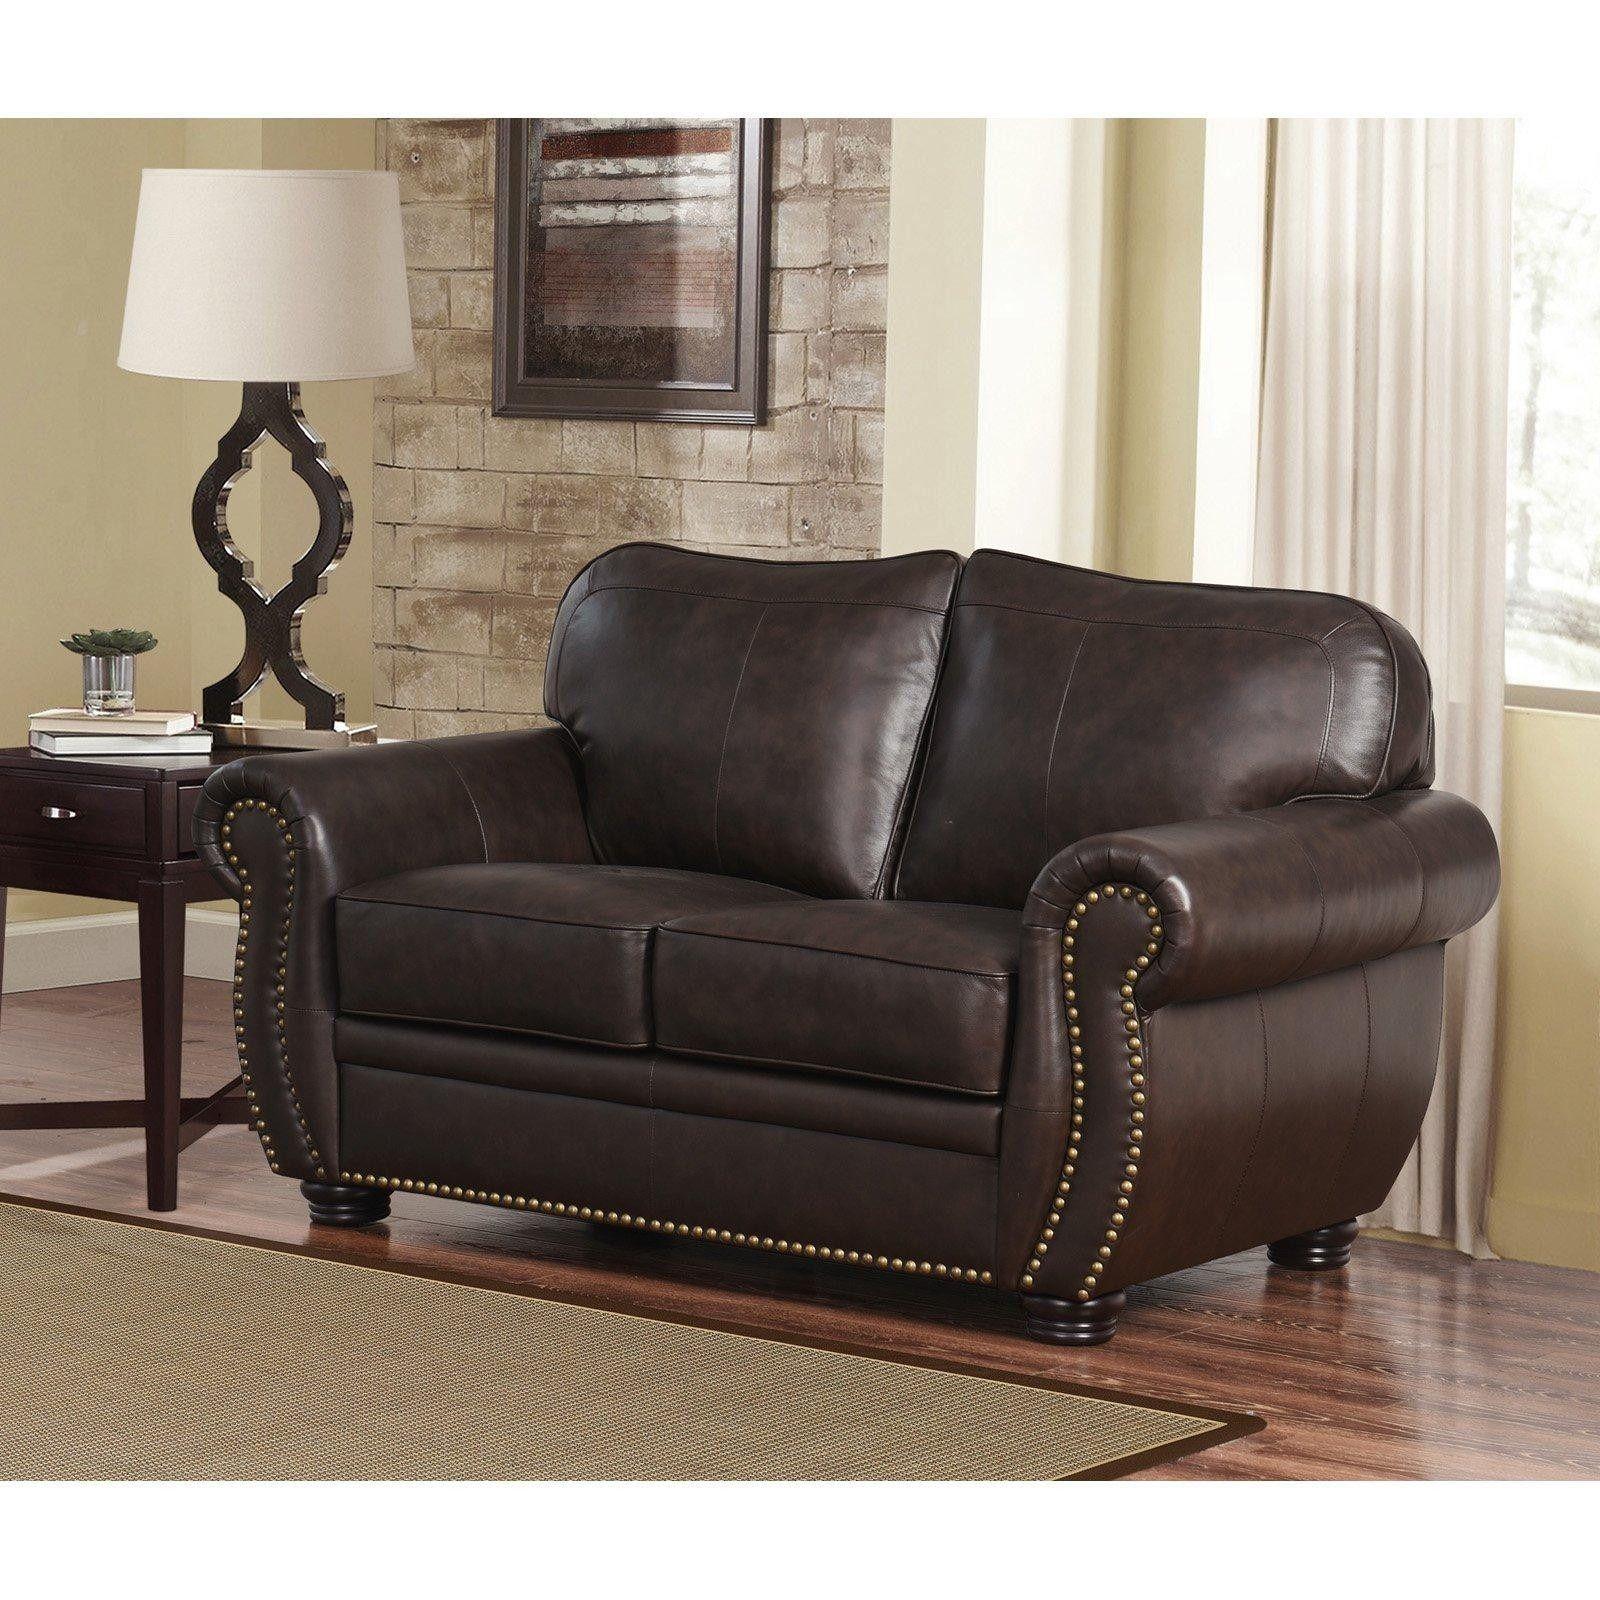 2293 Best Images About Leather Sofas And Living Room: 48 Neu Kinderzimmer Einrichten Dschungel: Schlafsofa